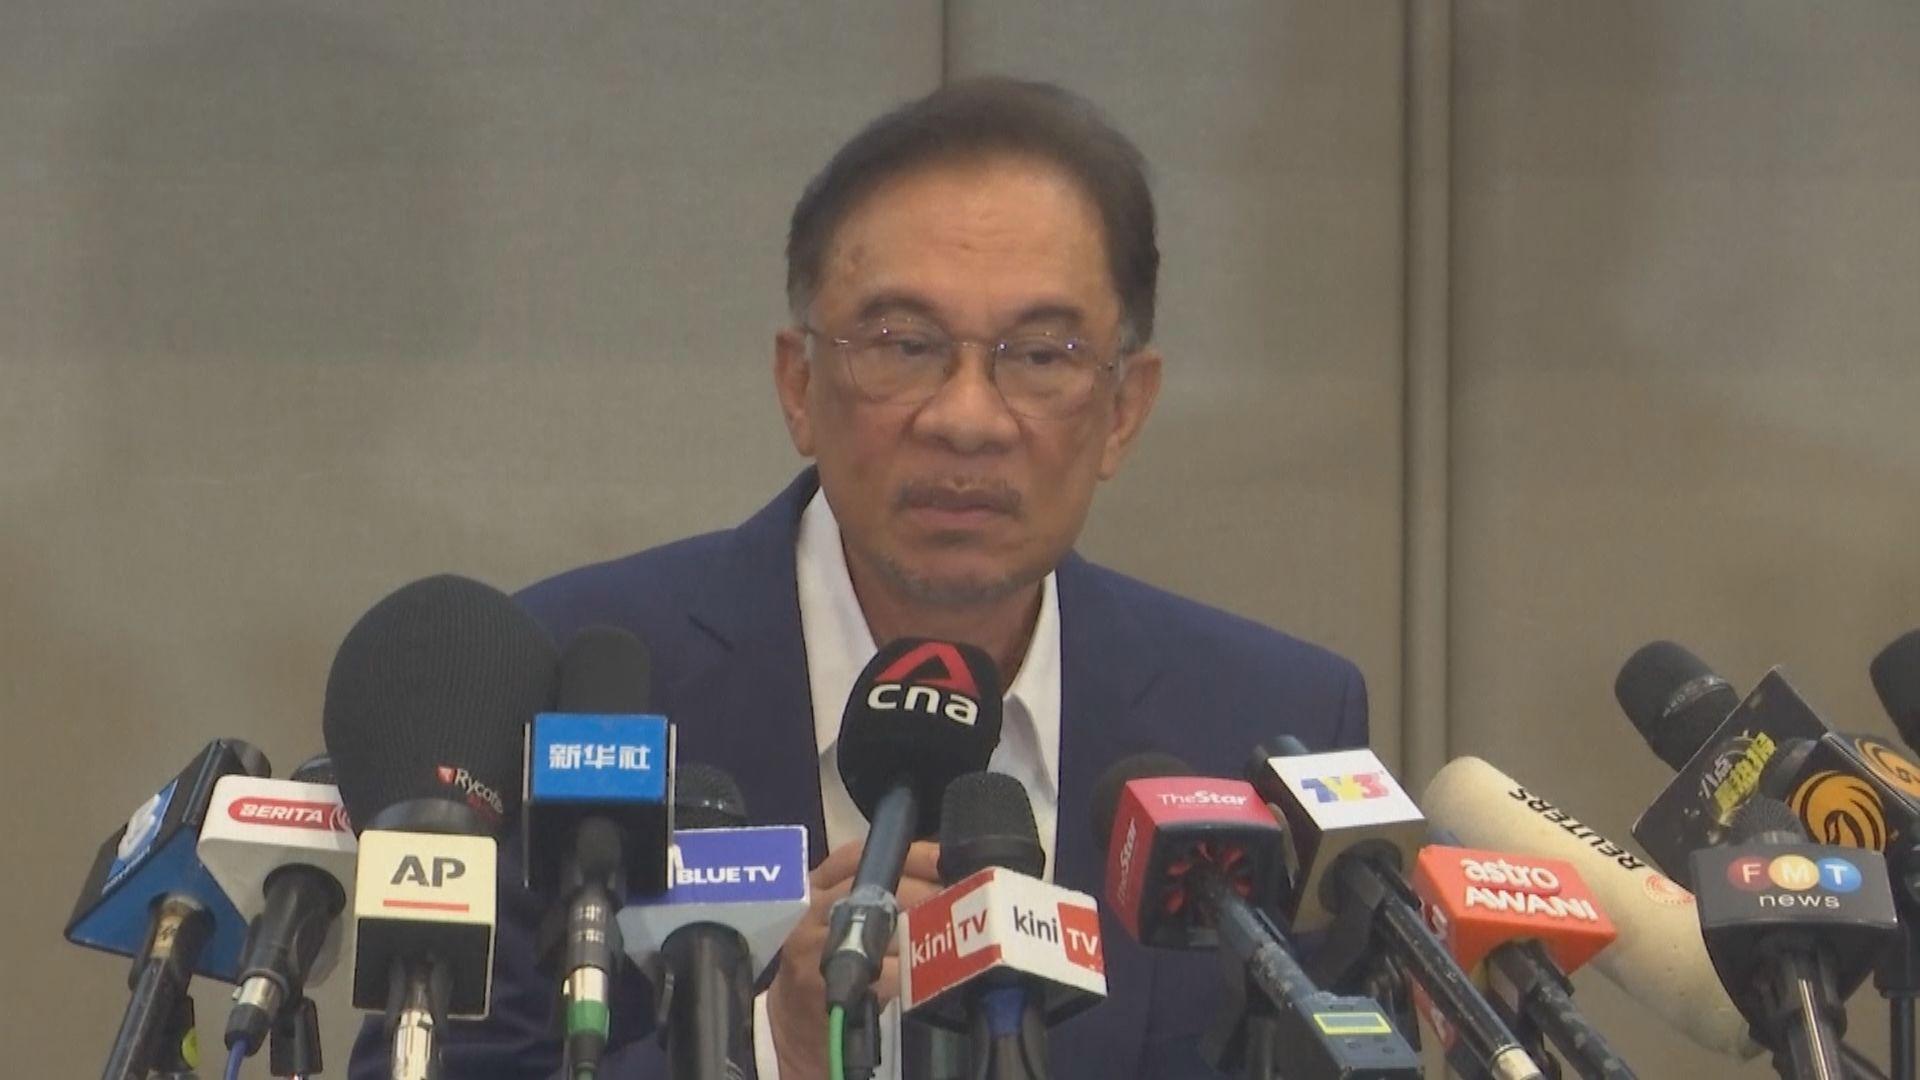 大馬人民公正黨主席安華稱獲足夠支持取代現任總理職位